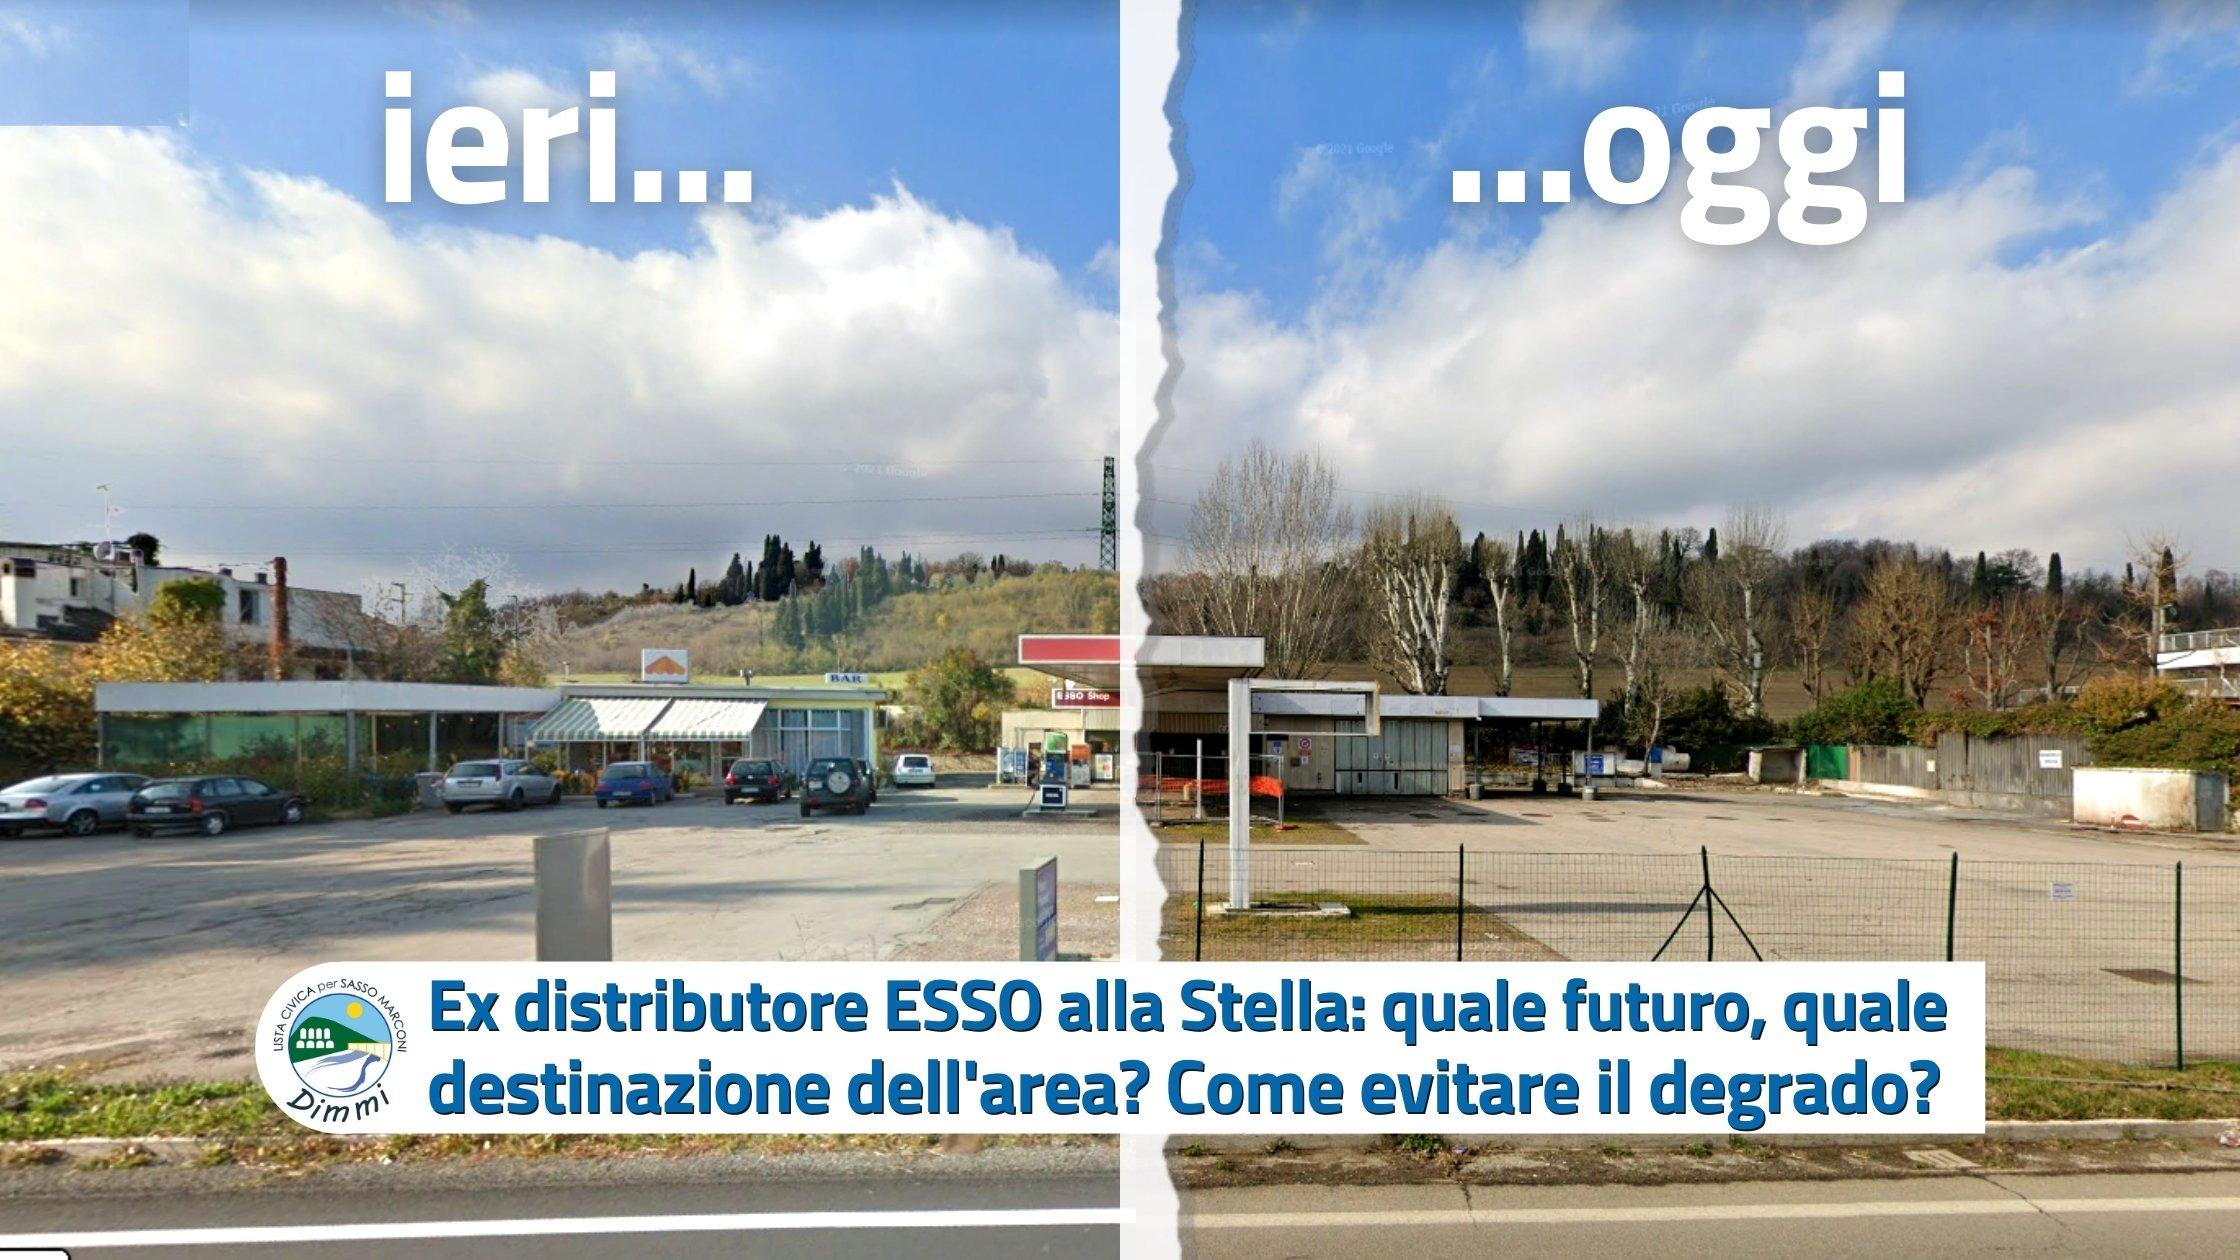 You are currently viewing Ex distributore ESSO alla Stella: quale futuro, quale destinazione dell'area? Come evitare il degrado?